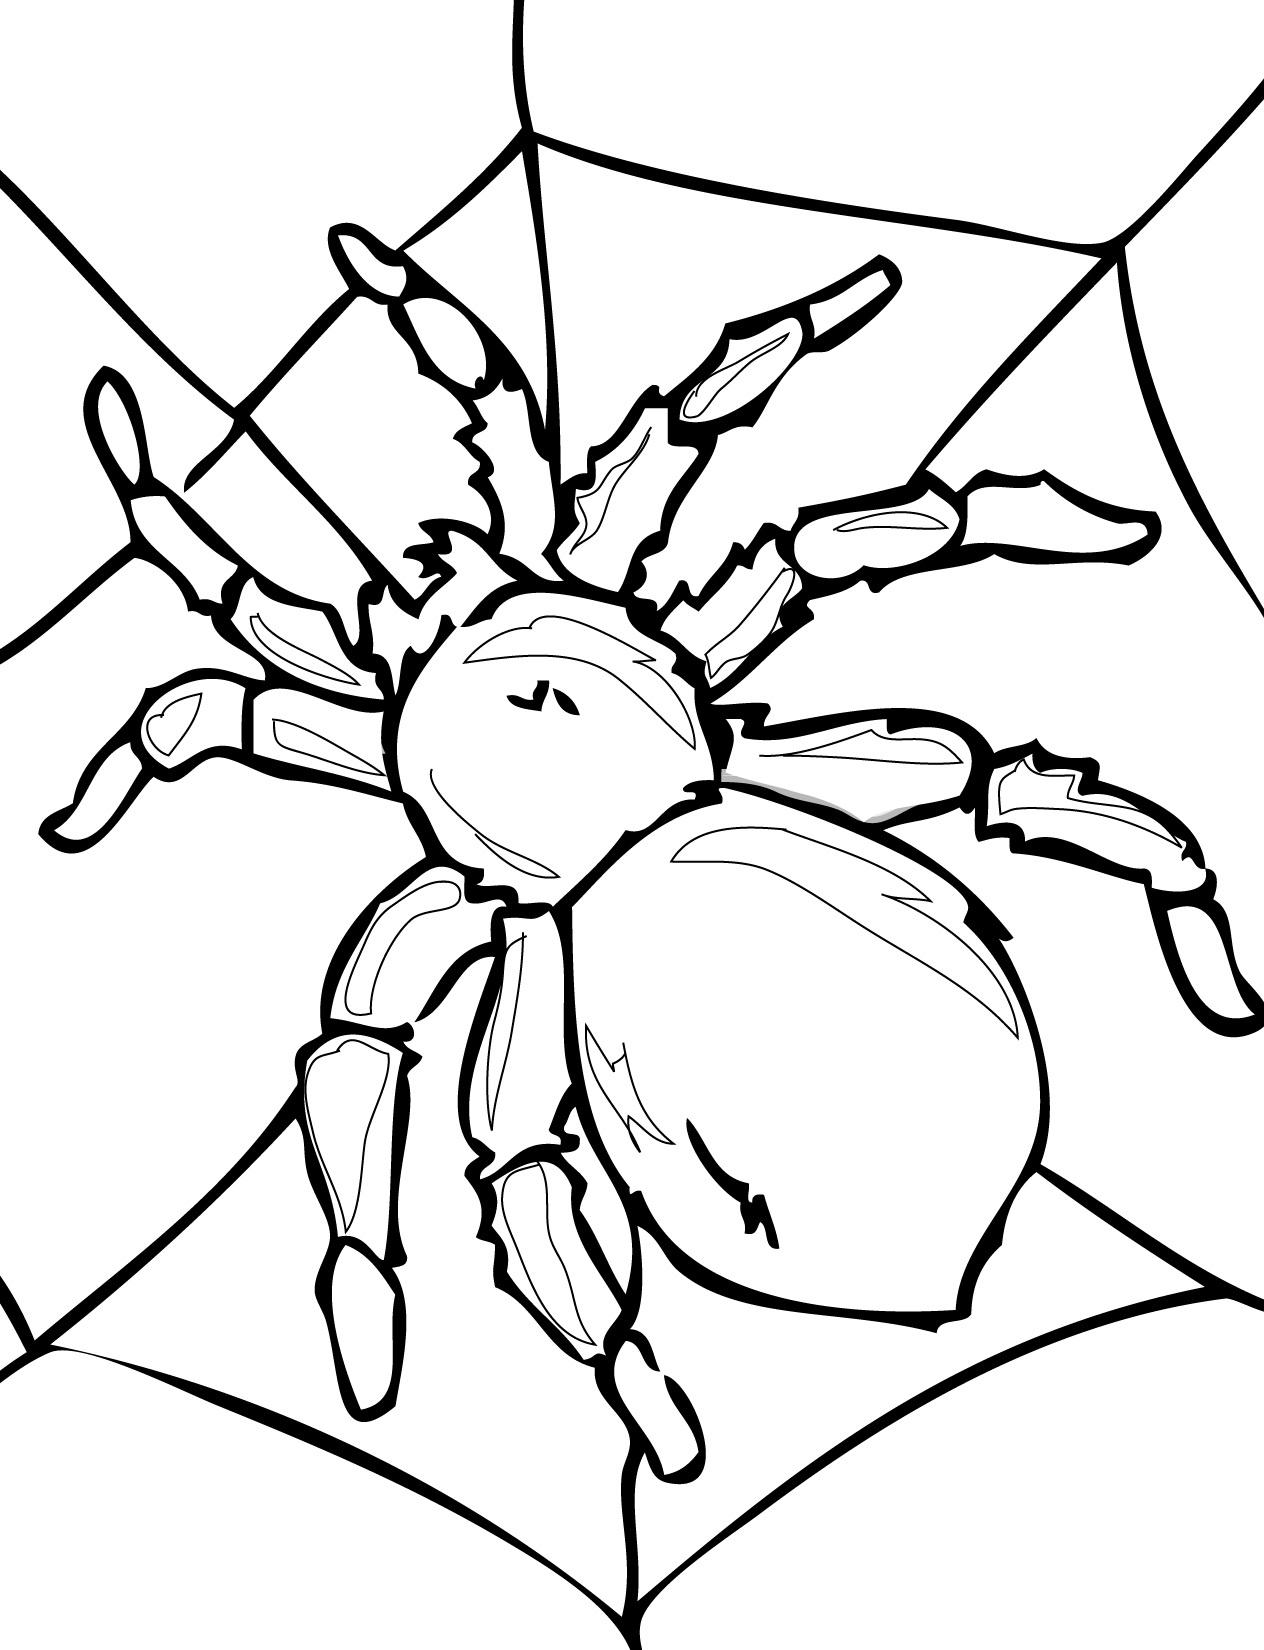 Паук на паутине Распечатать раскраски для мальчиков